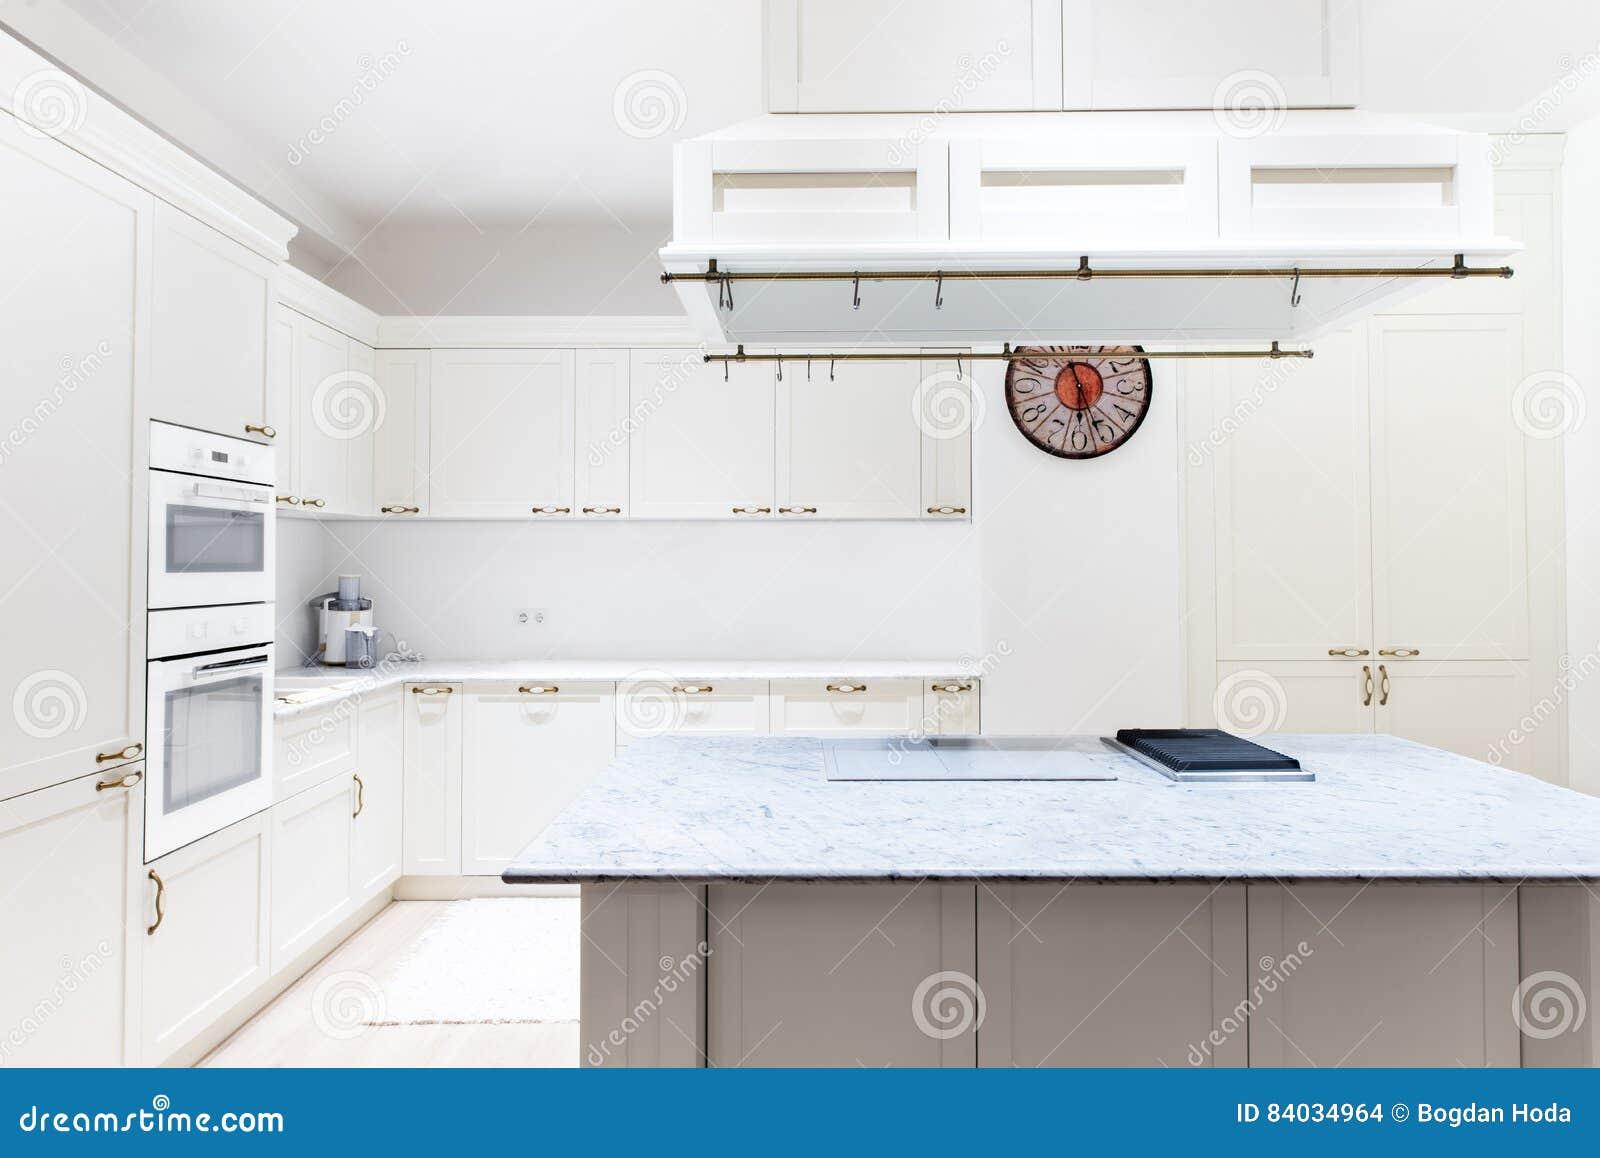 Interior Moderno Lujoso De La Cocina Gabinetes Blancos De Muebles